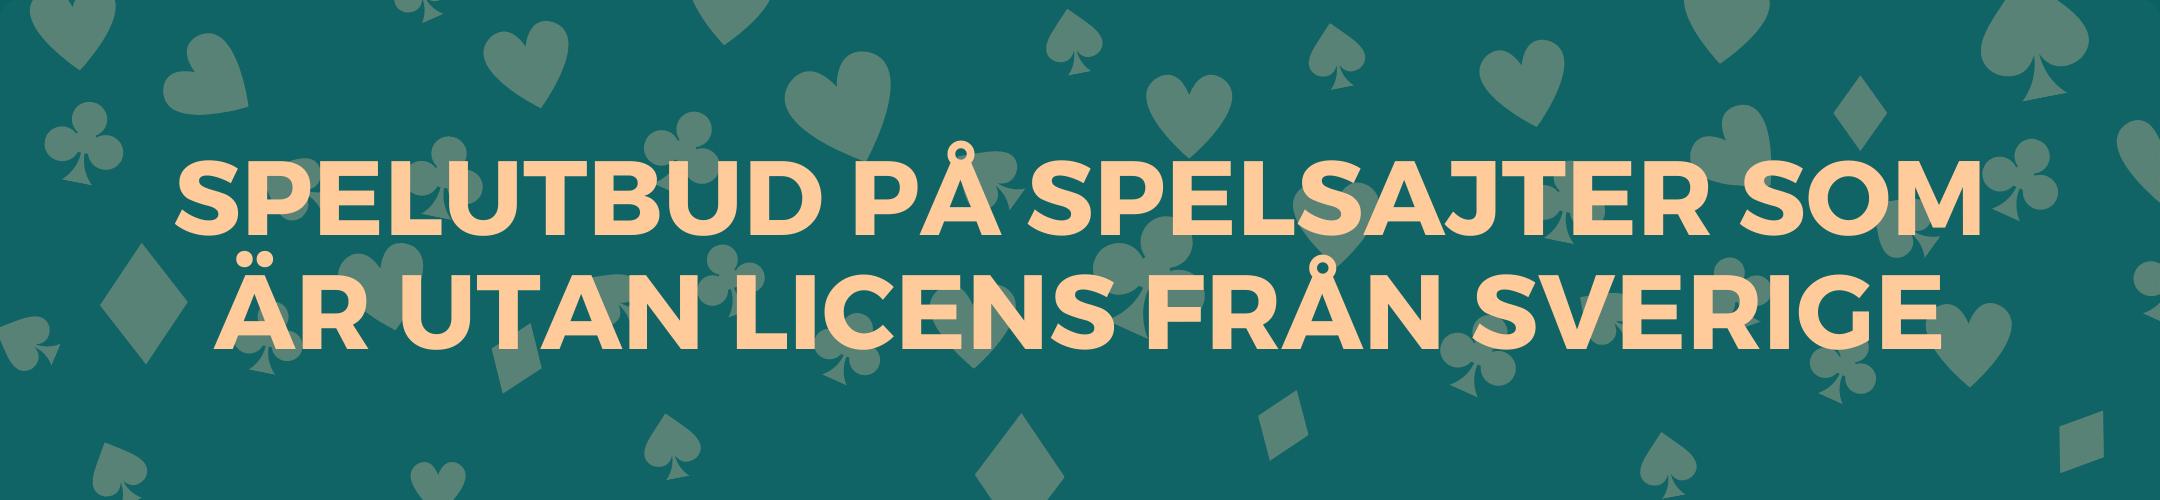 Spelutbud på spelsajter som är utan licens från Sverige